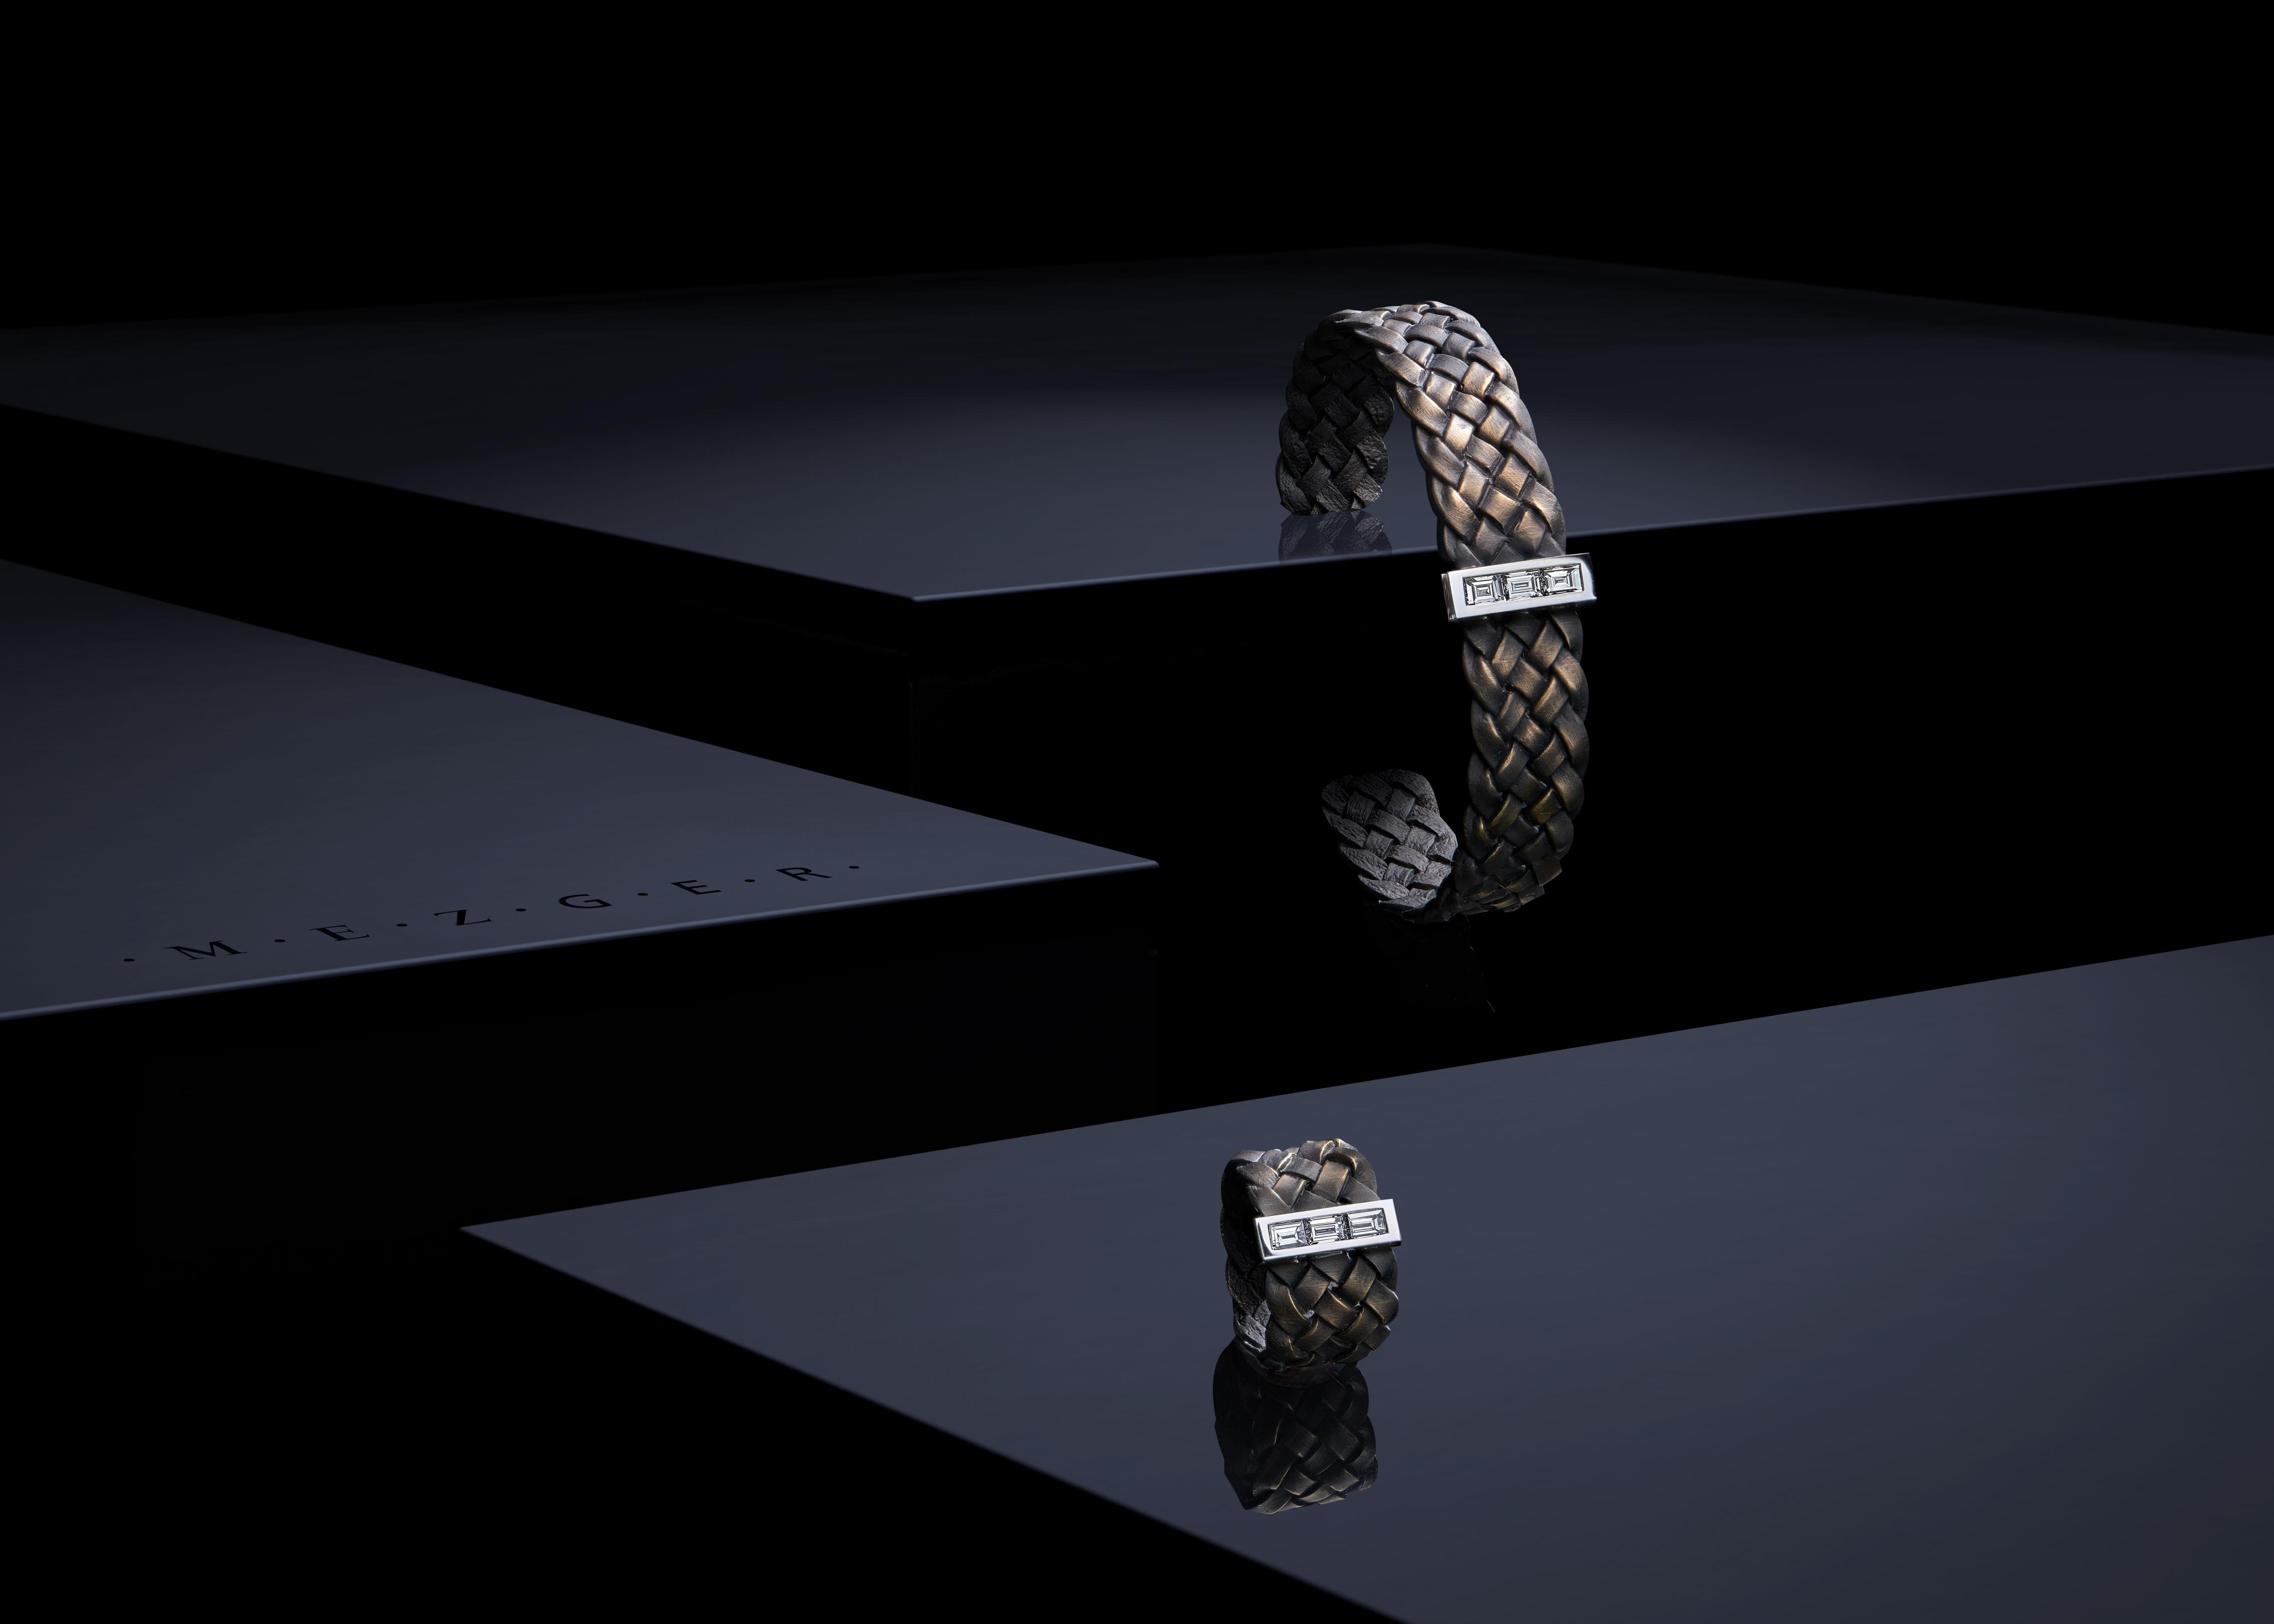 assortiment de bracelets brossé en or posé sur une surface noire brillante